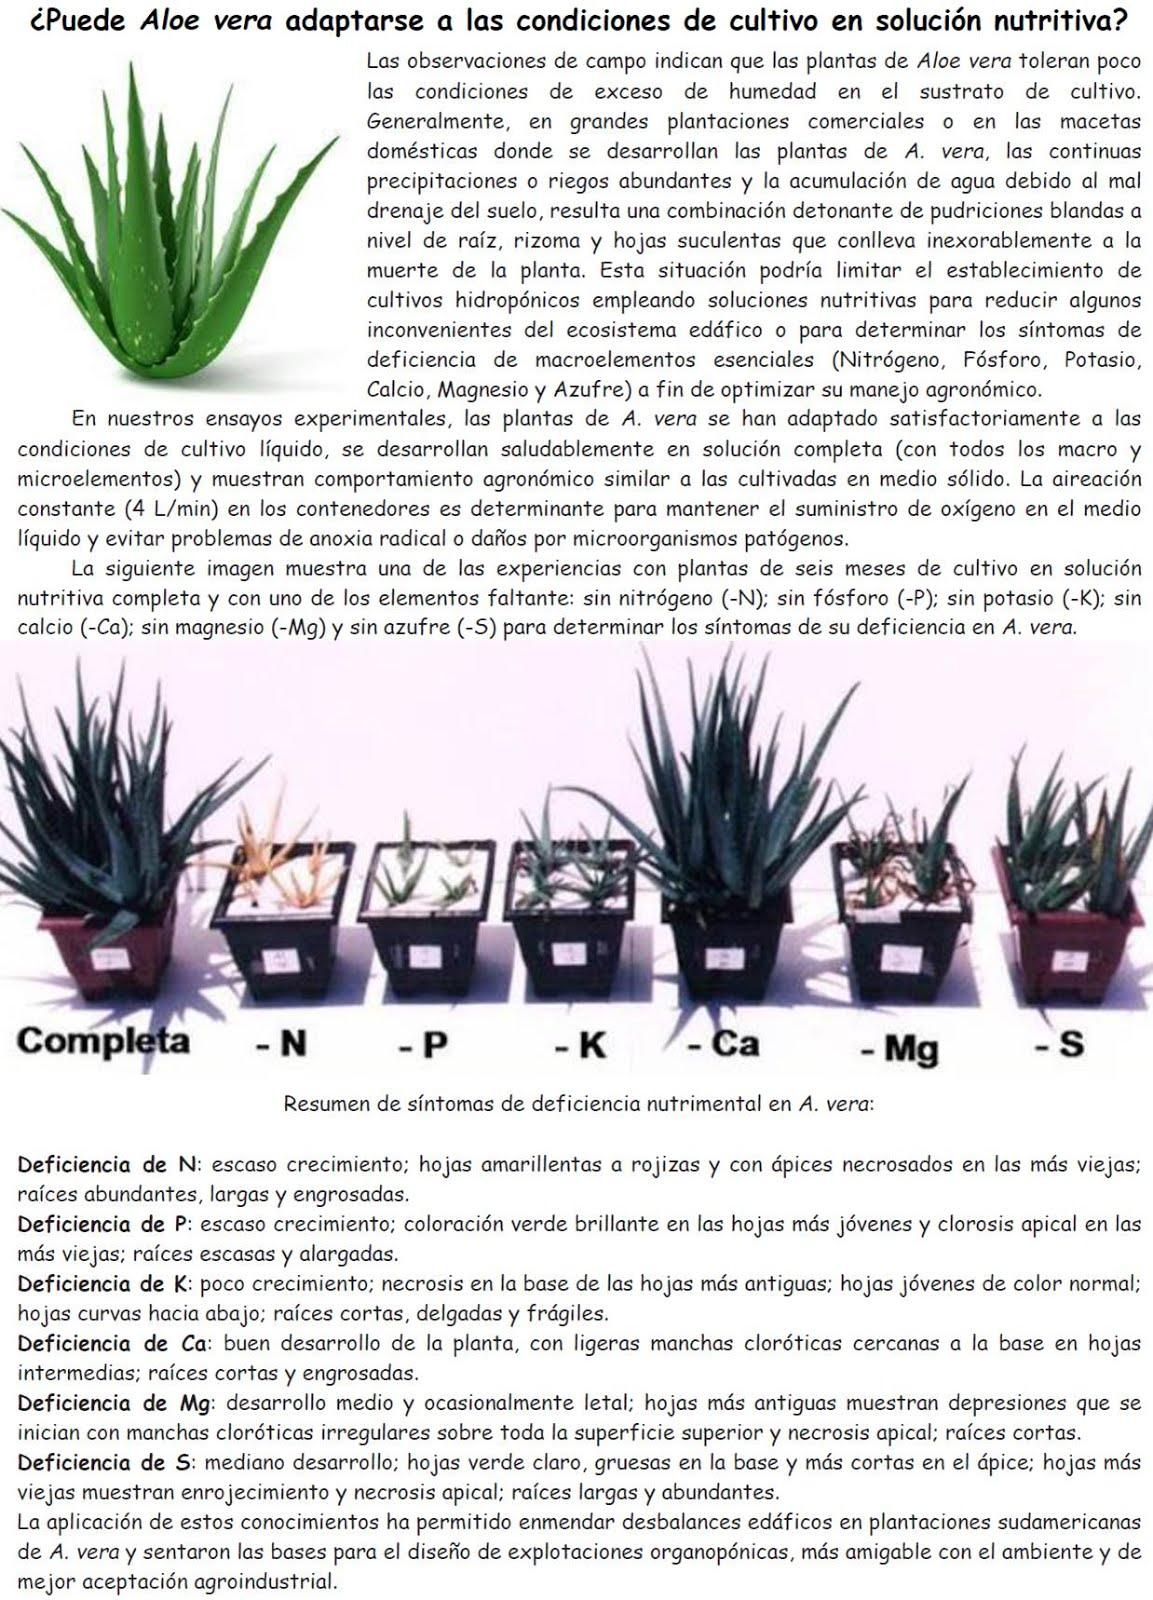 Aloe vera en solución nutritiva